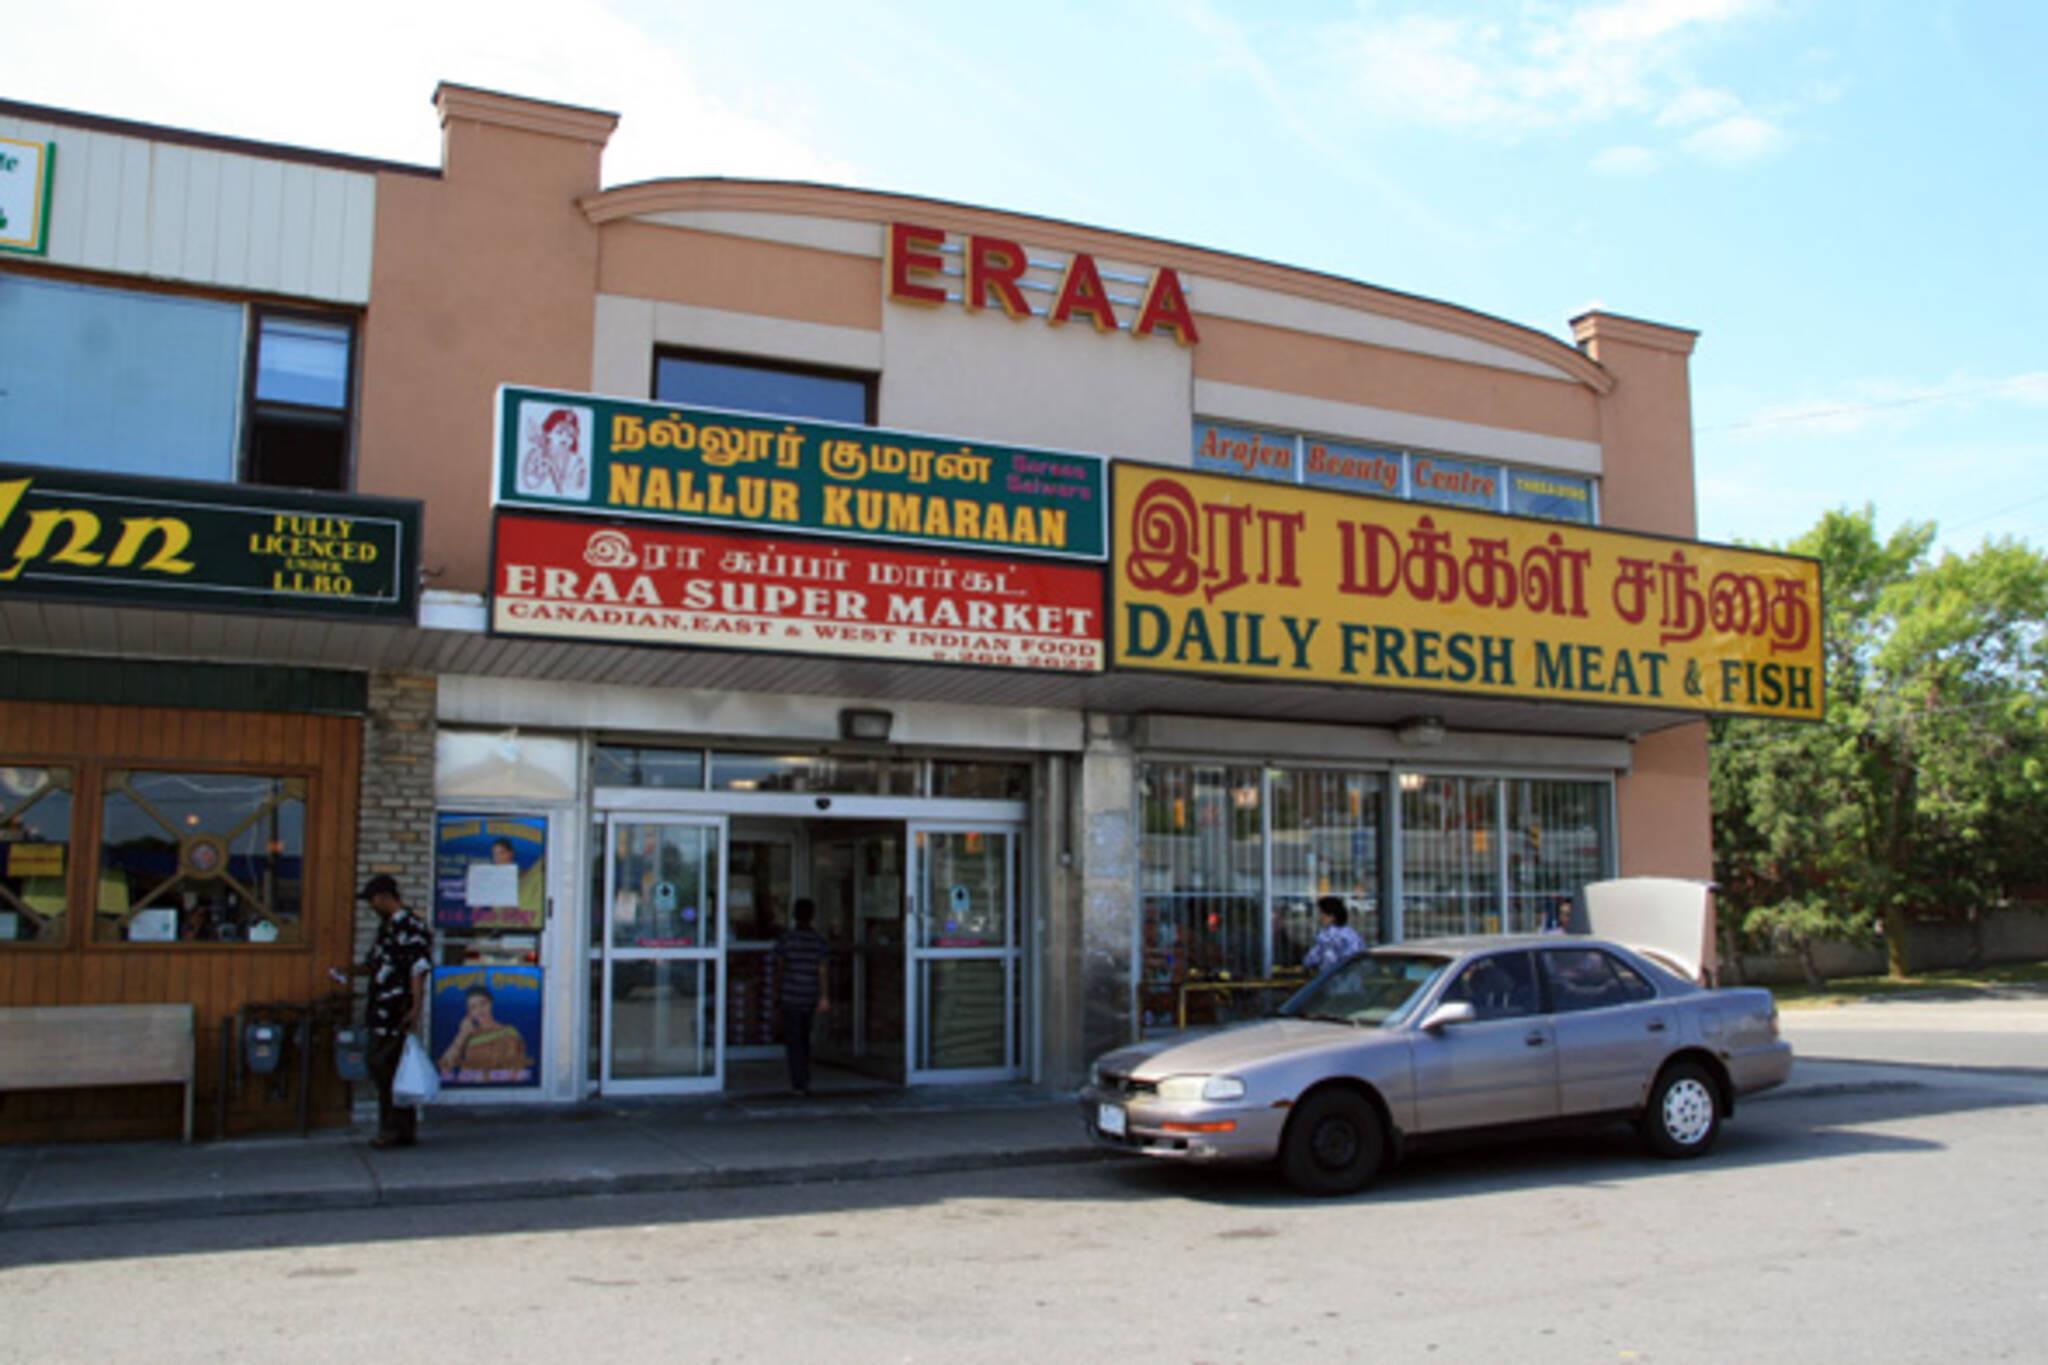 ERAA Supermarket